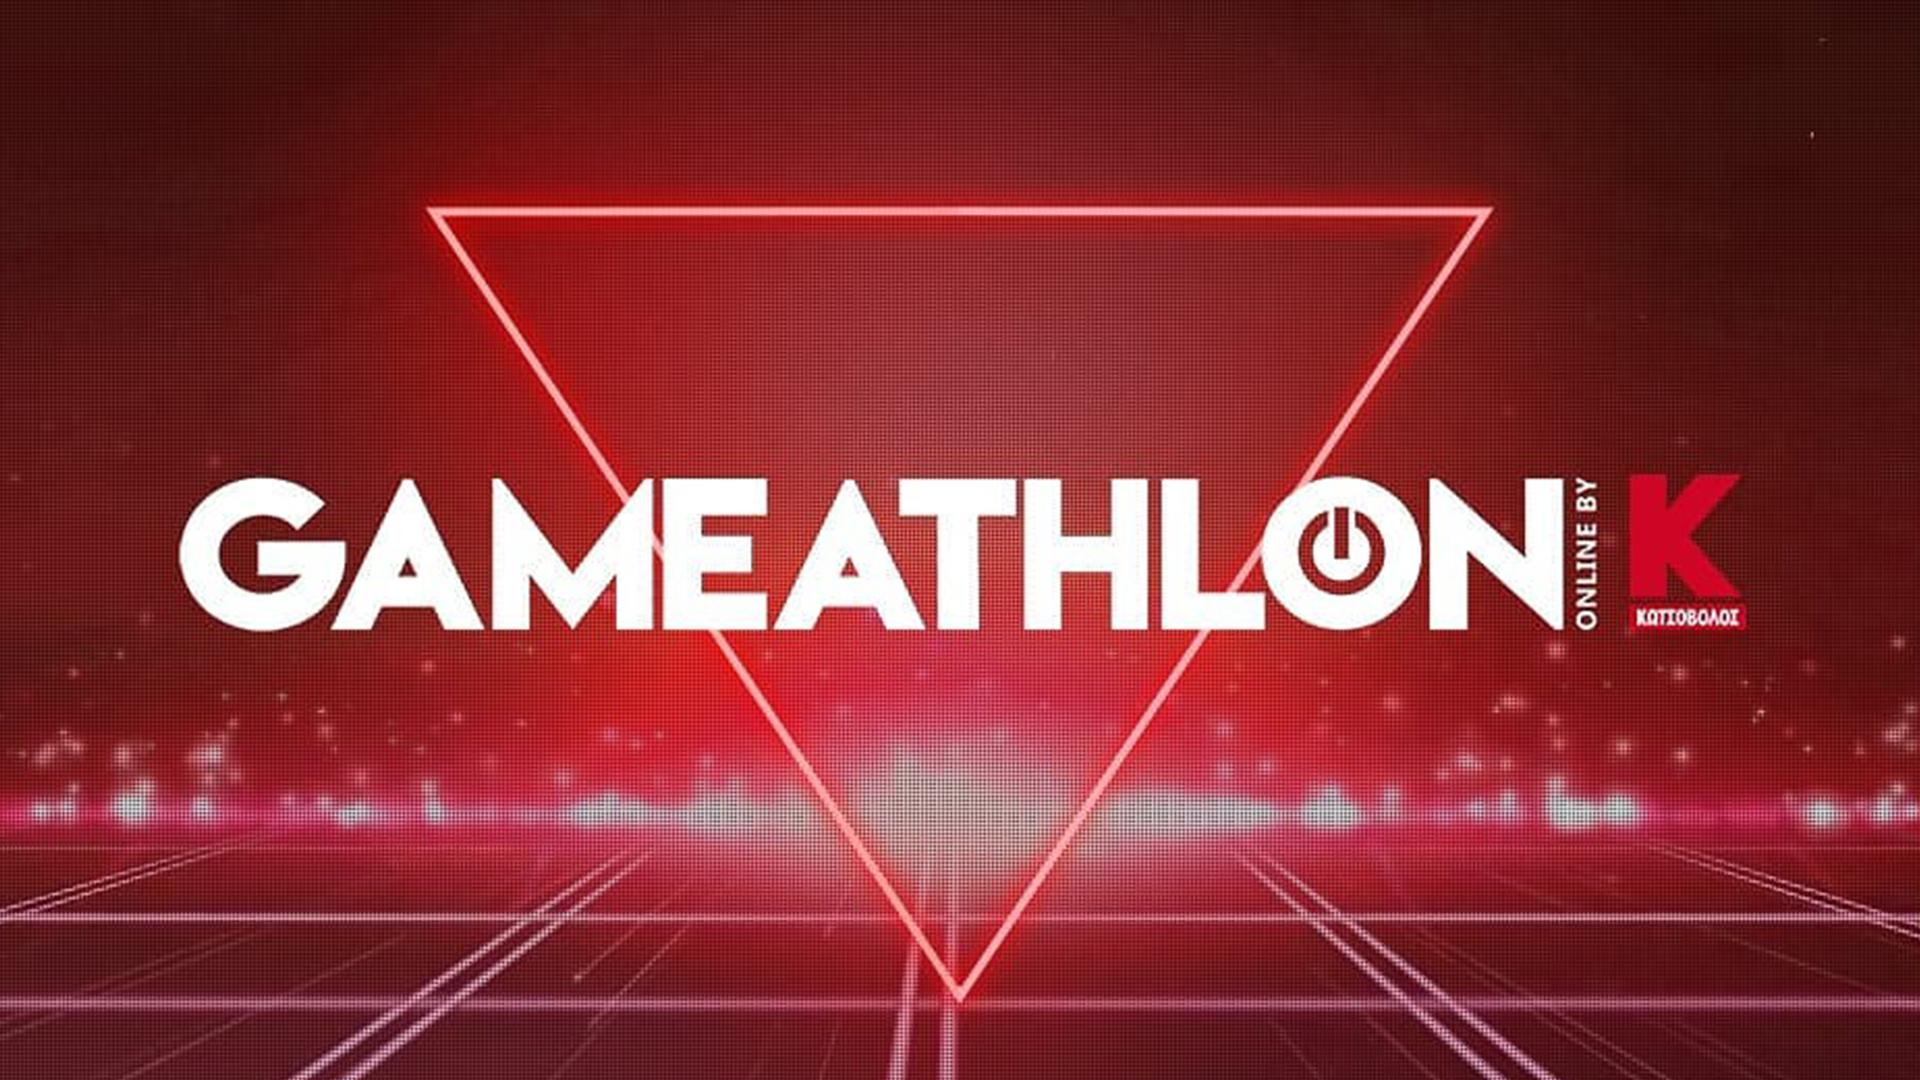 Gameathlon